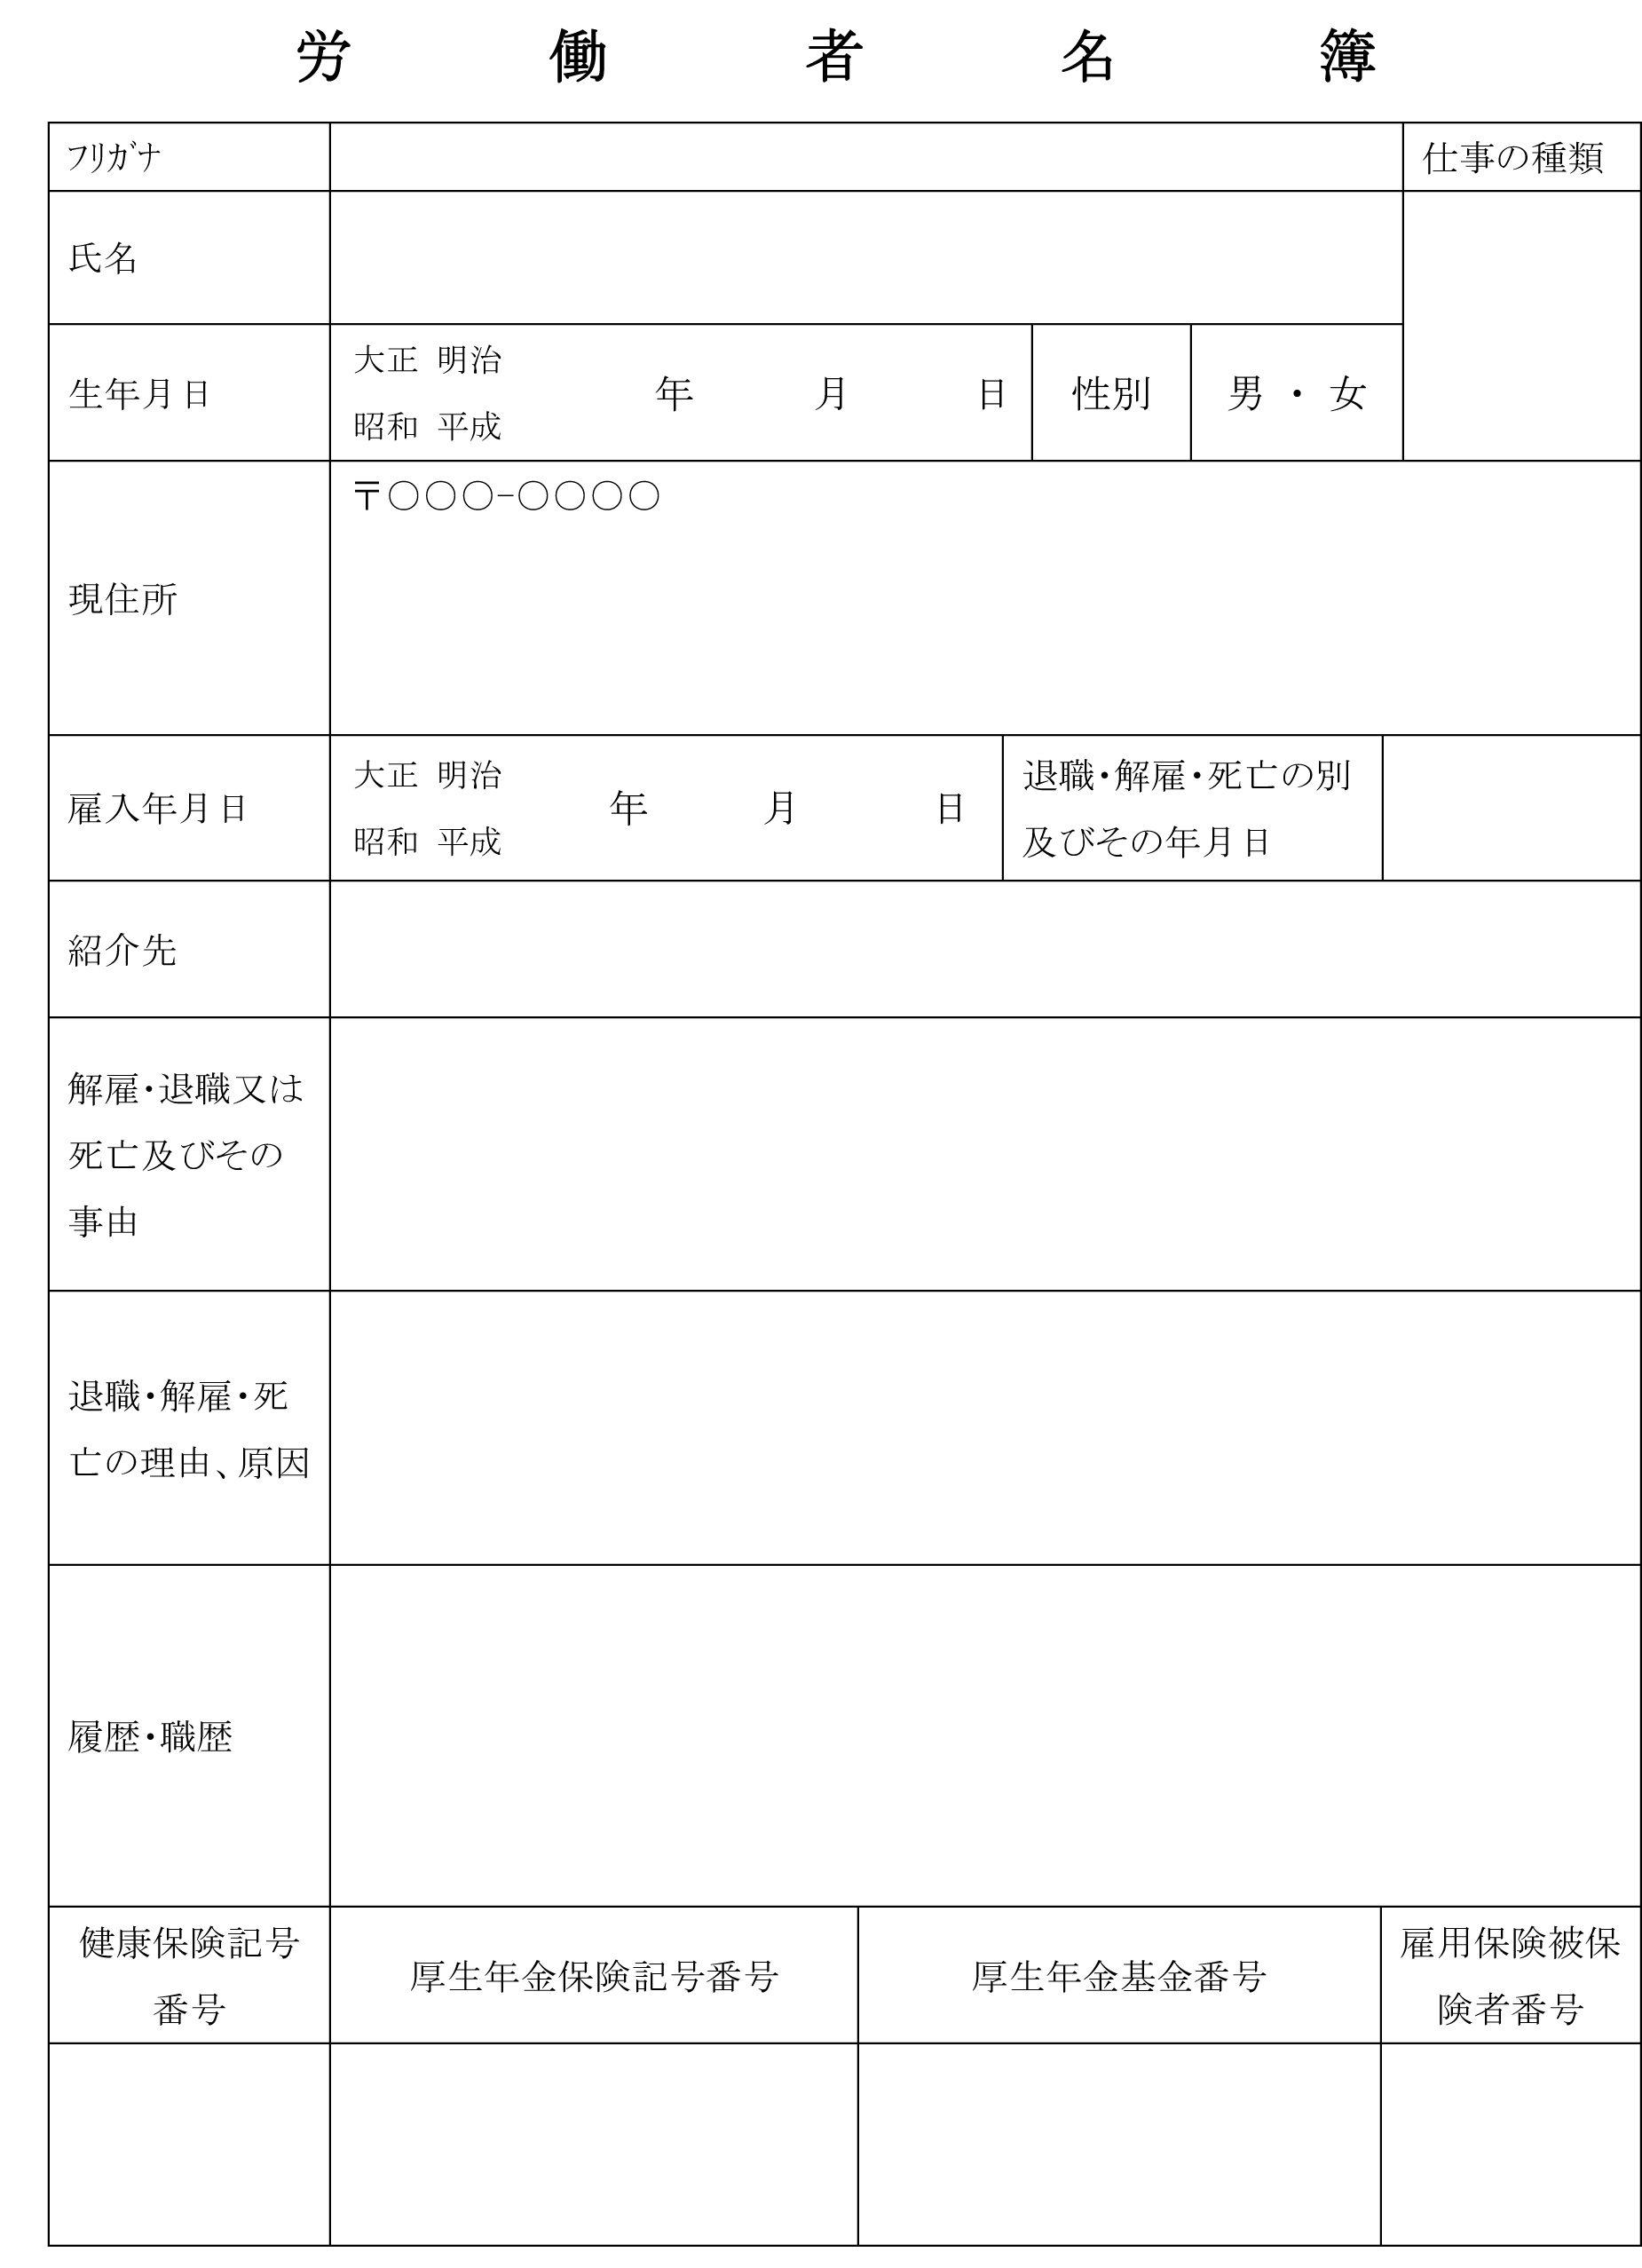 労働者名簿08